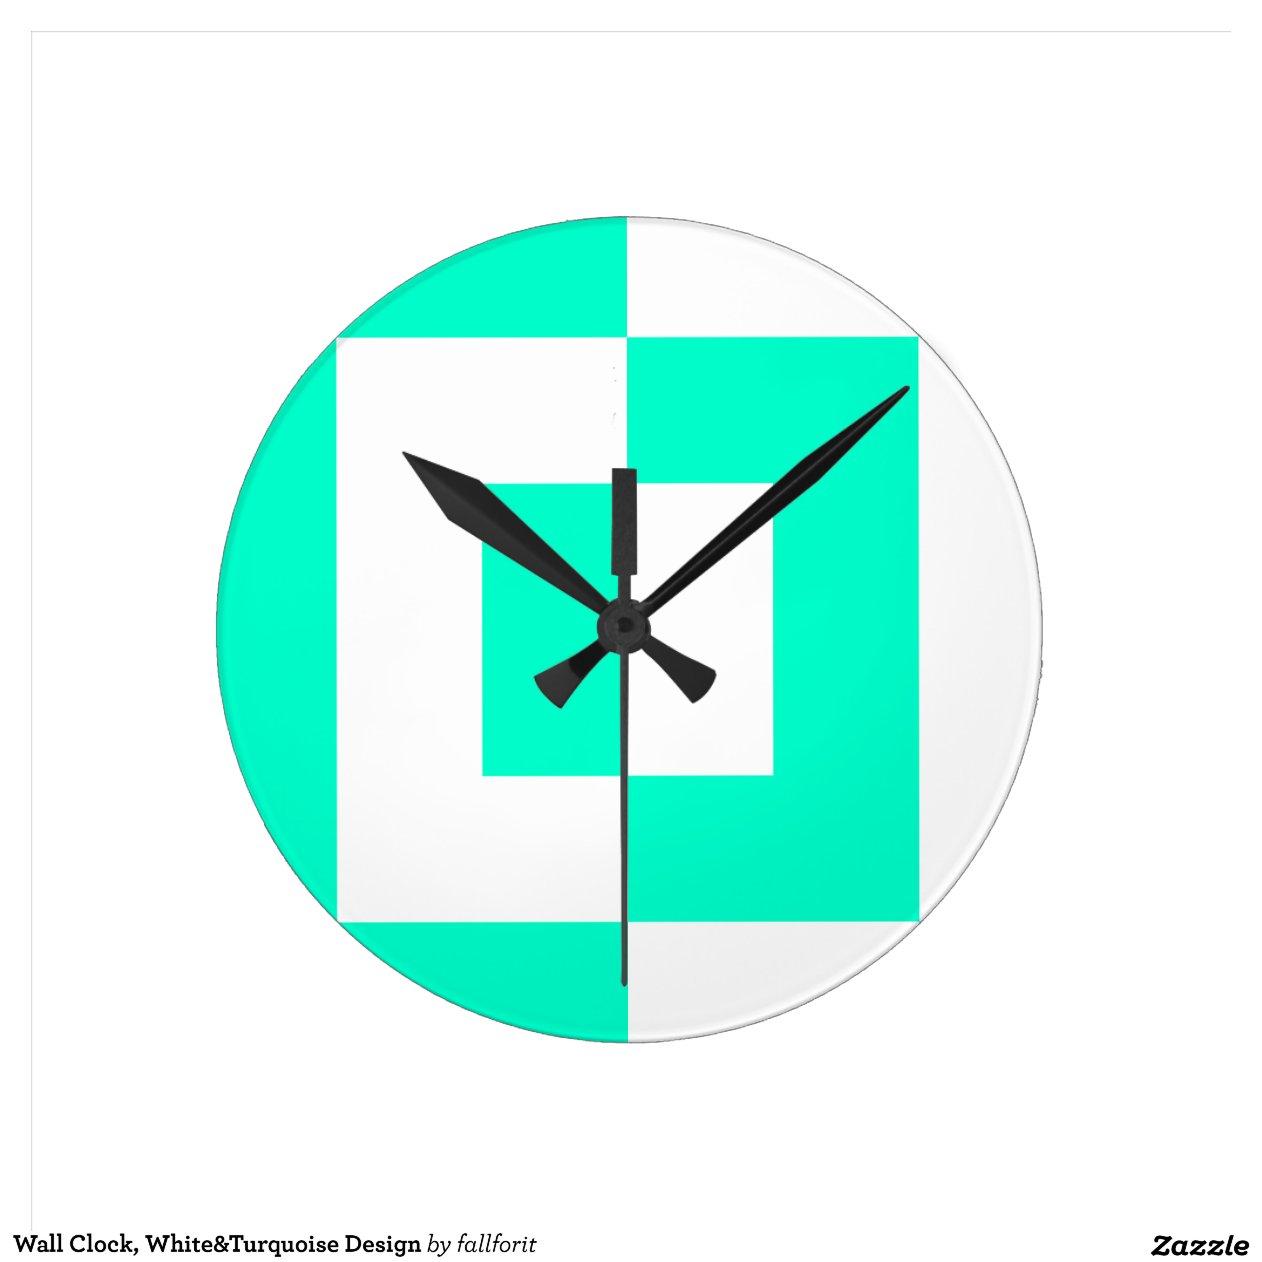 De klok van de muur ontwerp white turquoise zazzle - Turquoise ruimte van de jongen ...